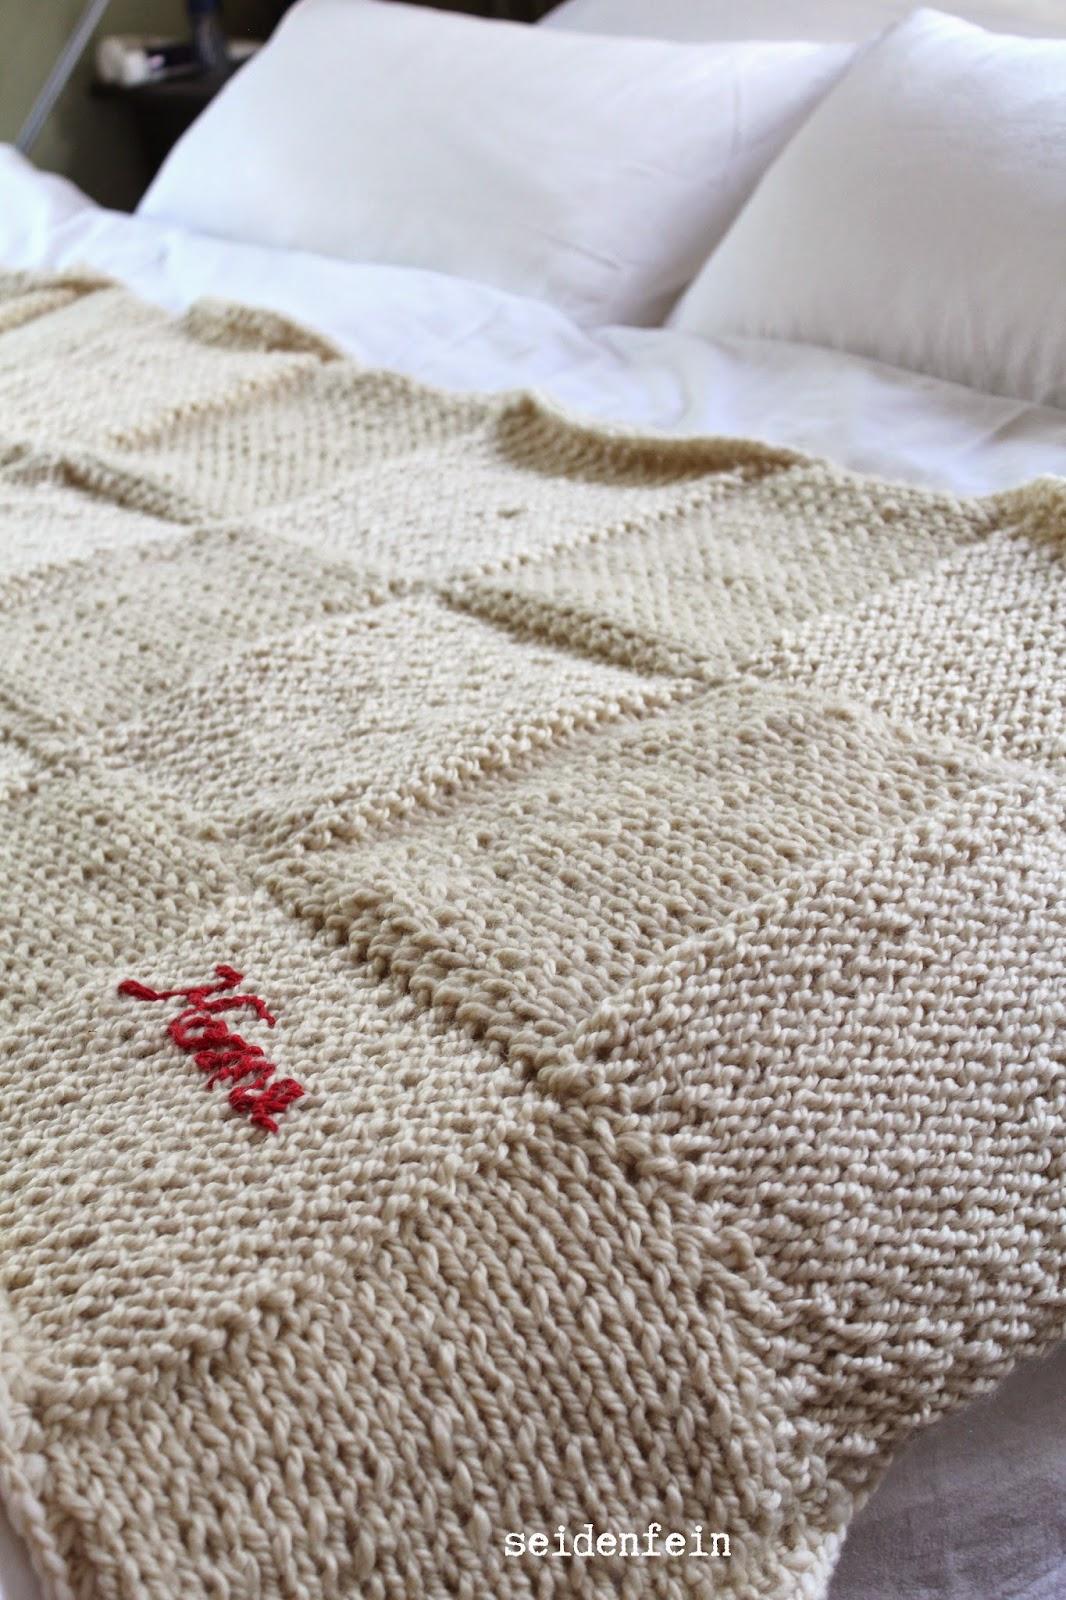 seidenfeins blog vom sch nen landleben h keln stricken n hen. Black Bedroom Furniture Sets. Home Design Ideas